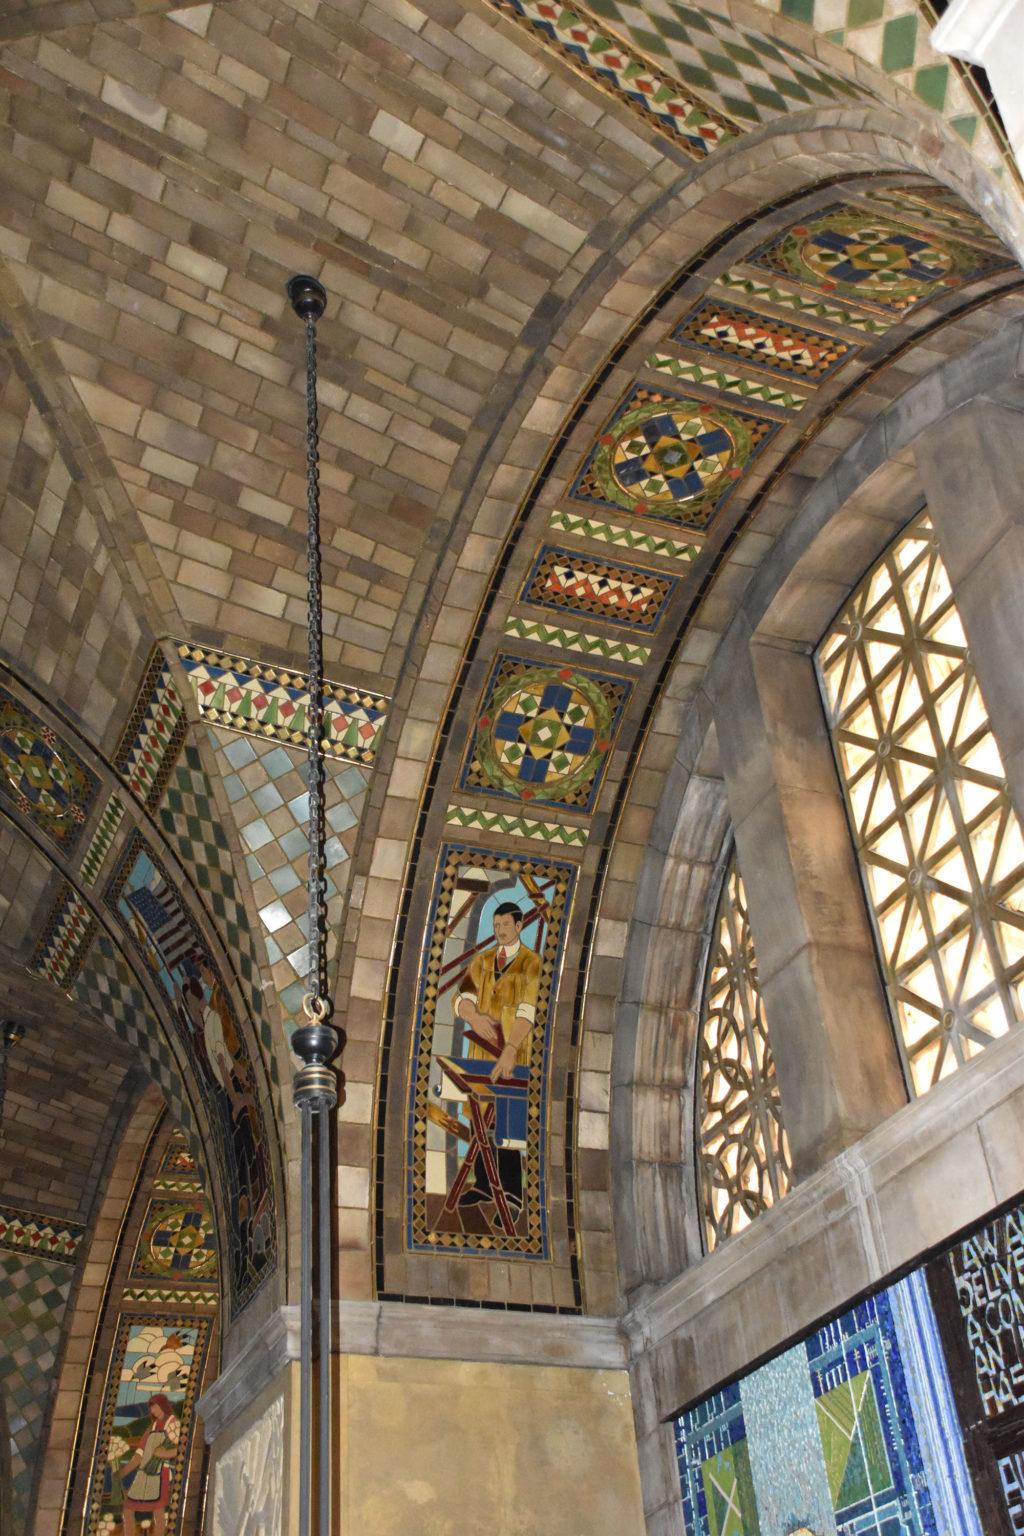 Foyer vault viewed from rotunda balcony